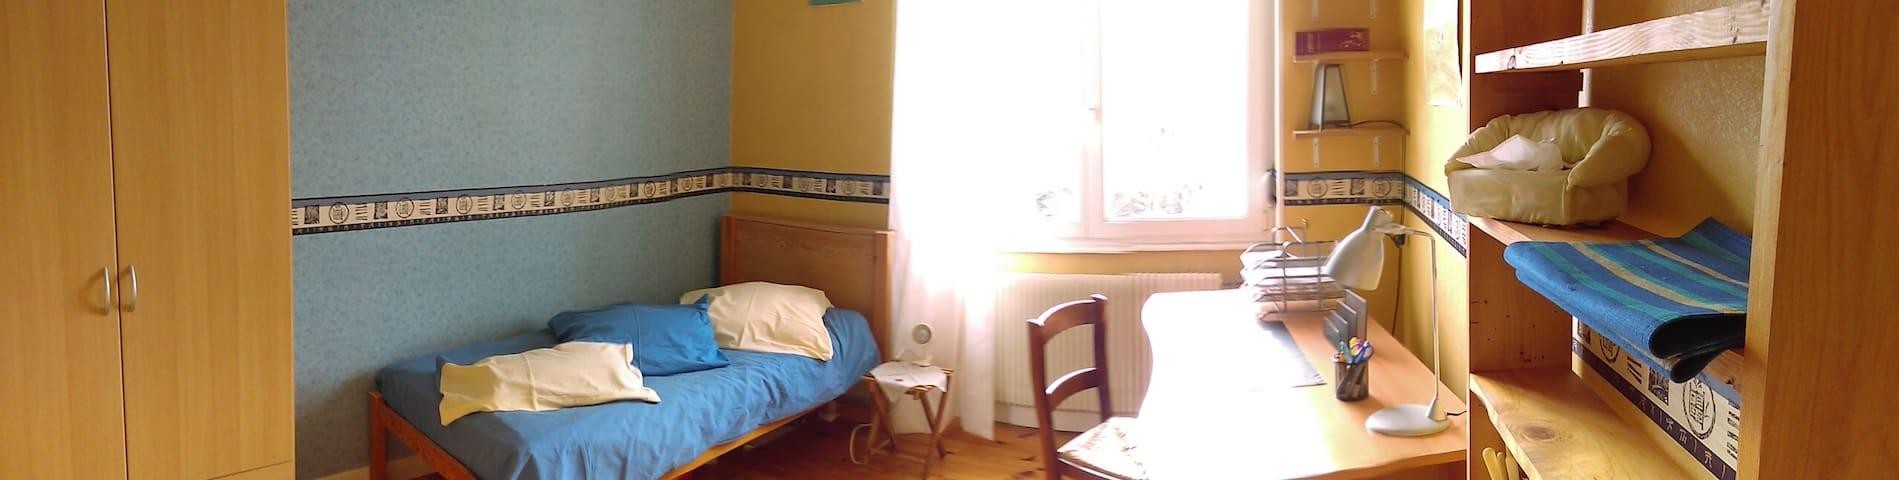 Chambre agréable et lumineuse chez l'habitant